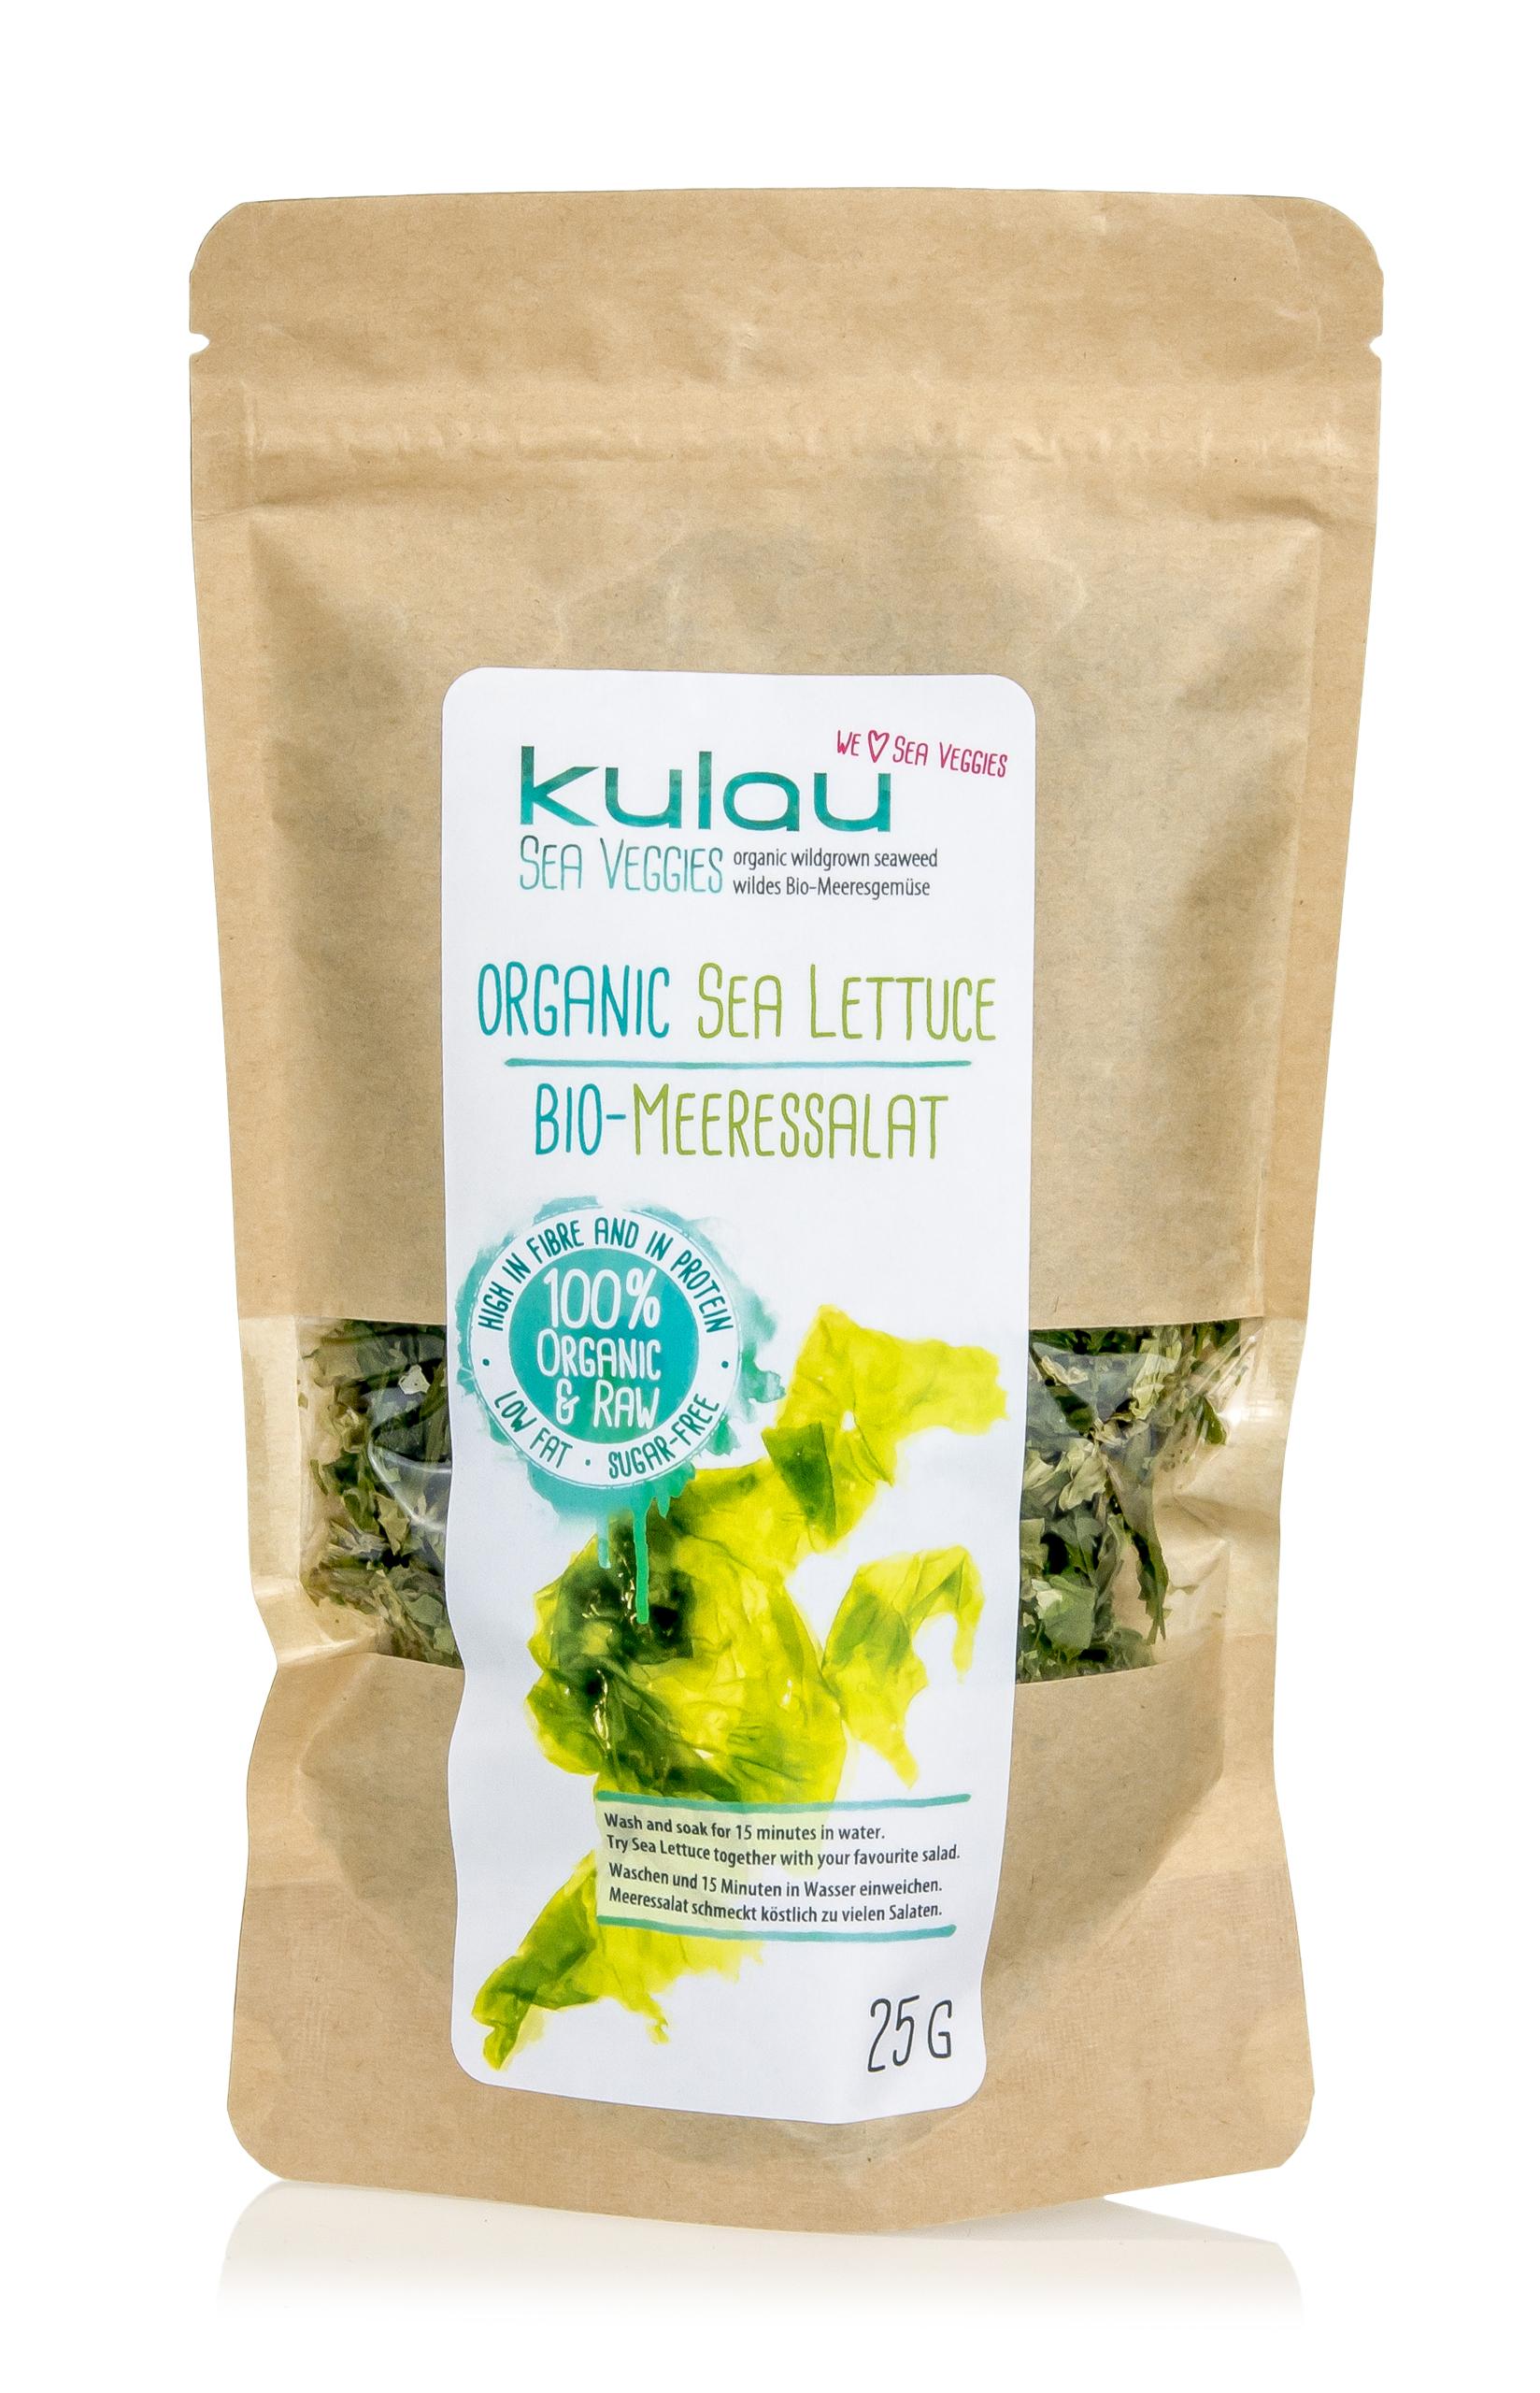 Eine Packung der getrockneten Algen KULAU Bio-Meersalat